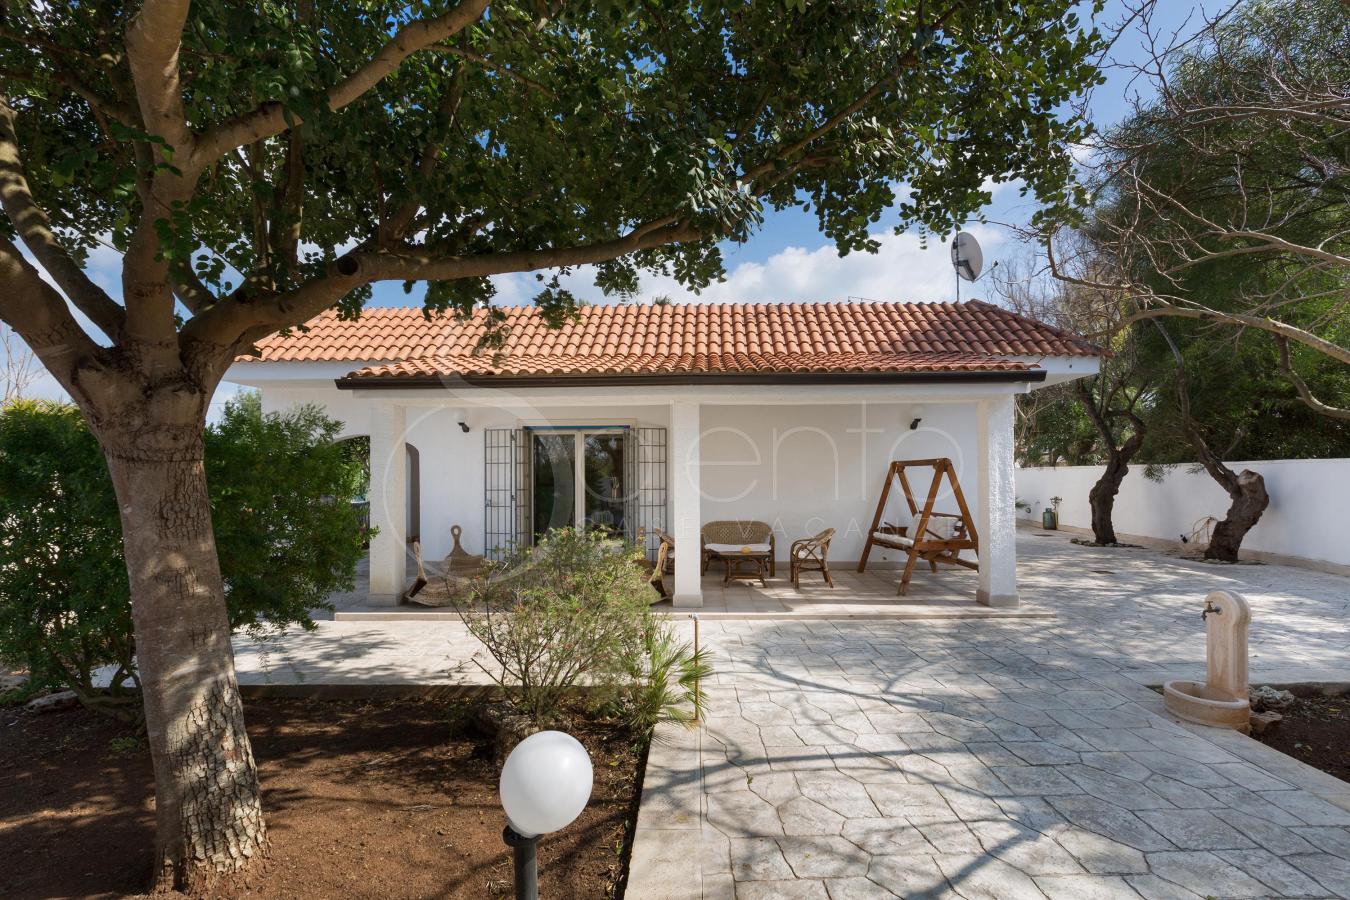 Villa con giardino a pochi metri dalla spiaggia sabbiosa - Ville con giardino foto ...